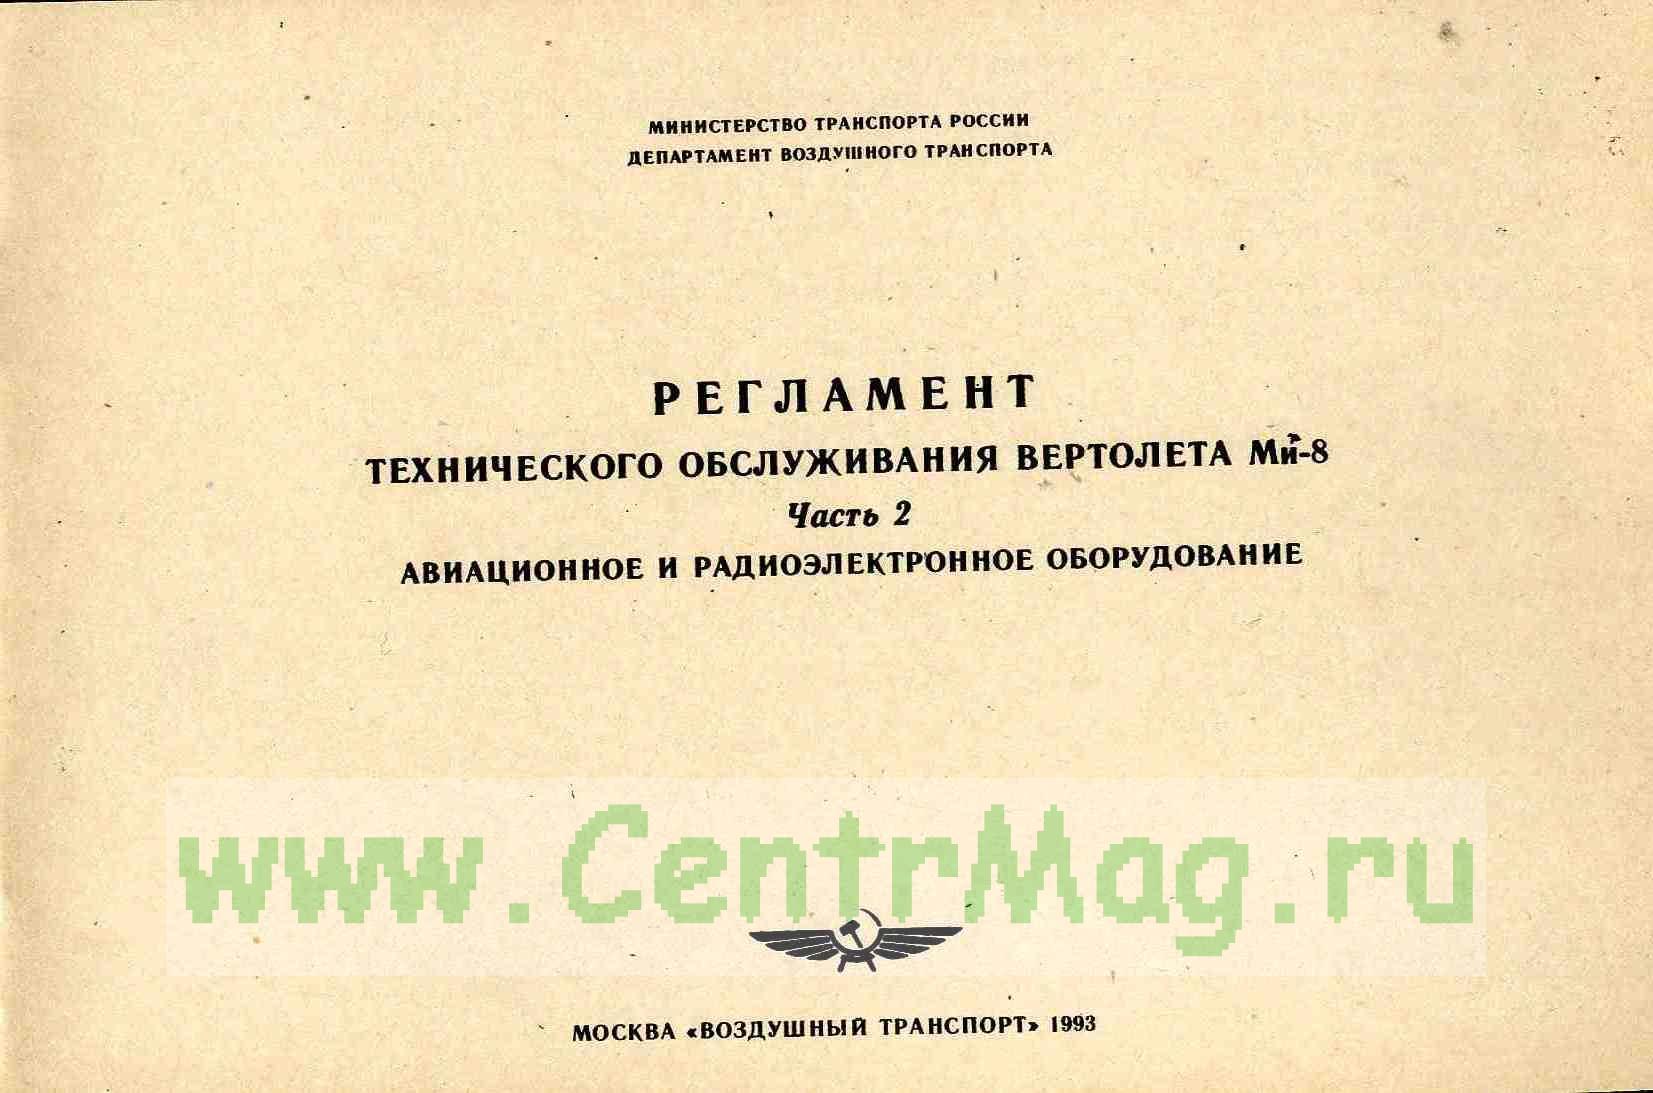 Регламент технического обслуживания вертолета Ми-8. Ч 1, 2  Планер и силовая установка